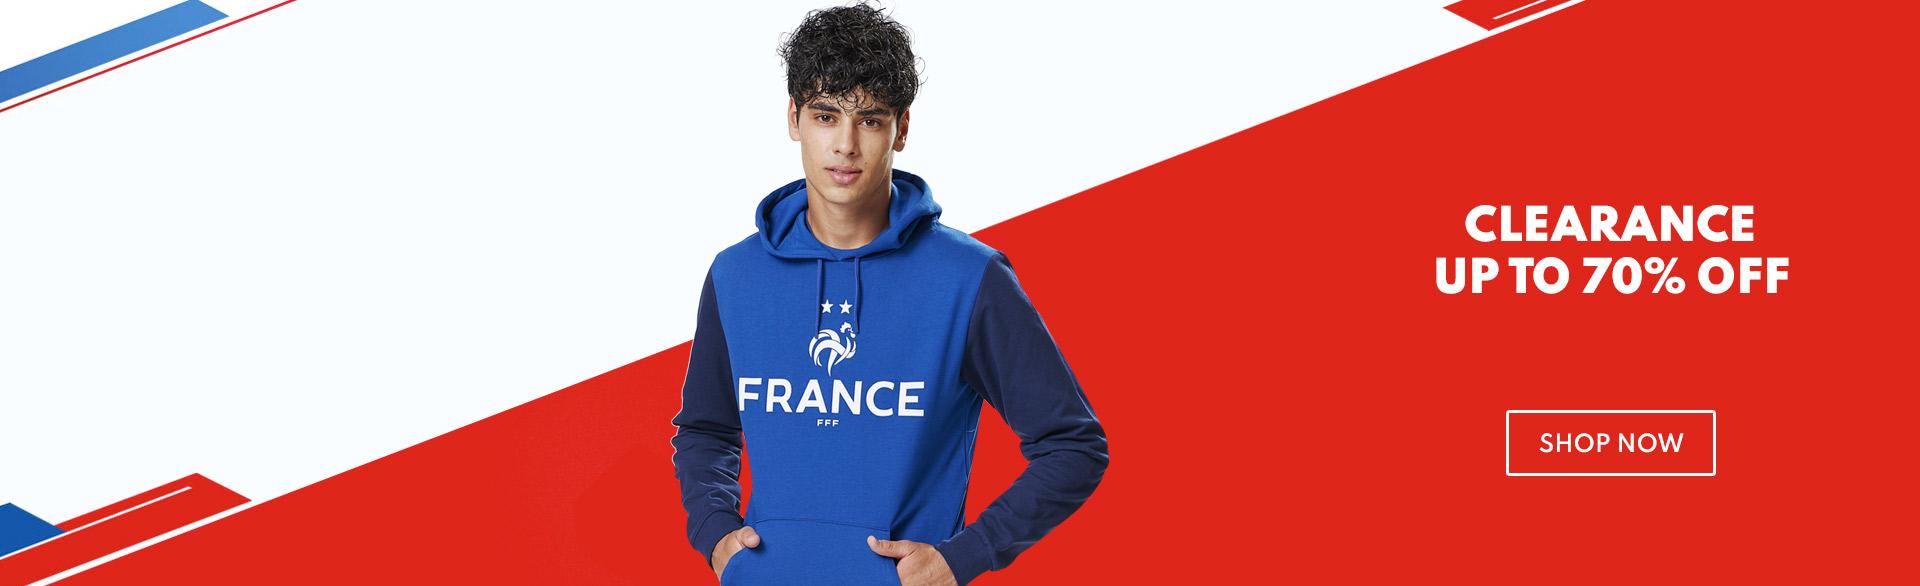 Trikot und Shorts Fu/ßballnationalmannschaft Frankreich Kinder 2 Sterne T-Shirt blau und wei/ße Shorts FEDERATION FRANCAISE DE FOOT FFF Gr/ö/ße 8 Jahre